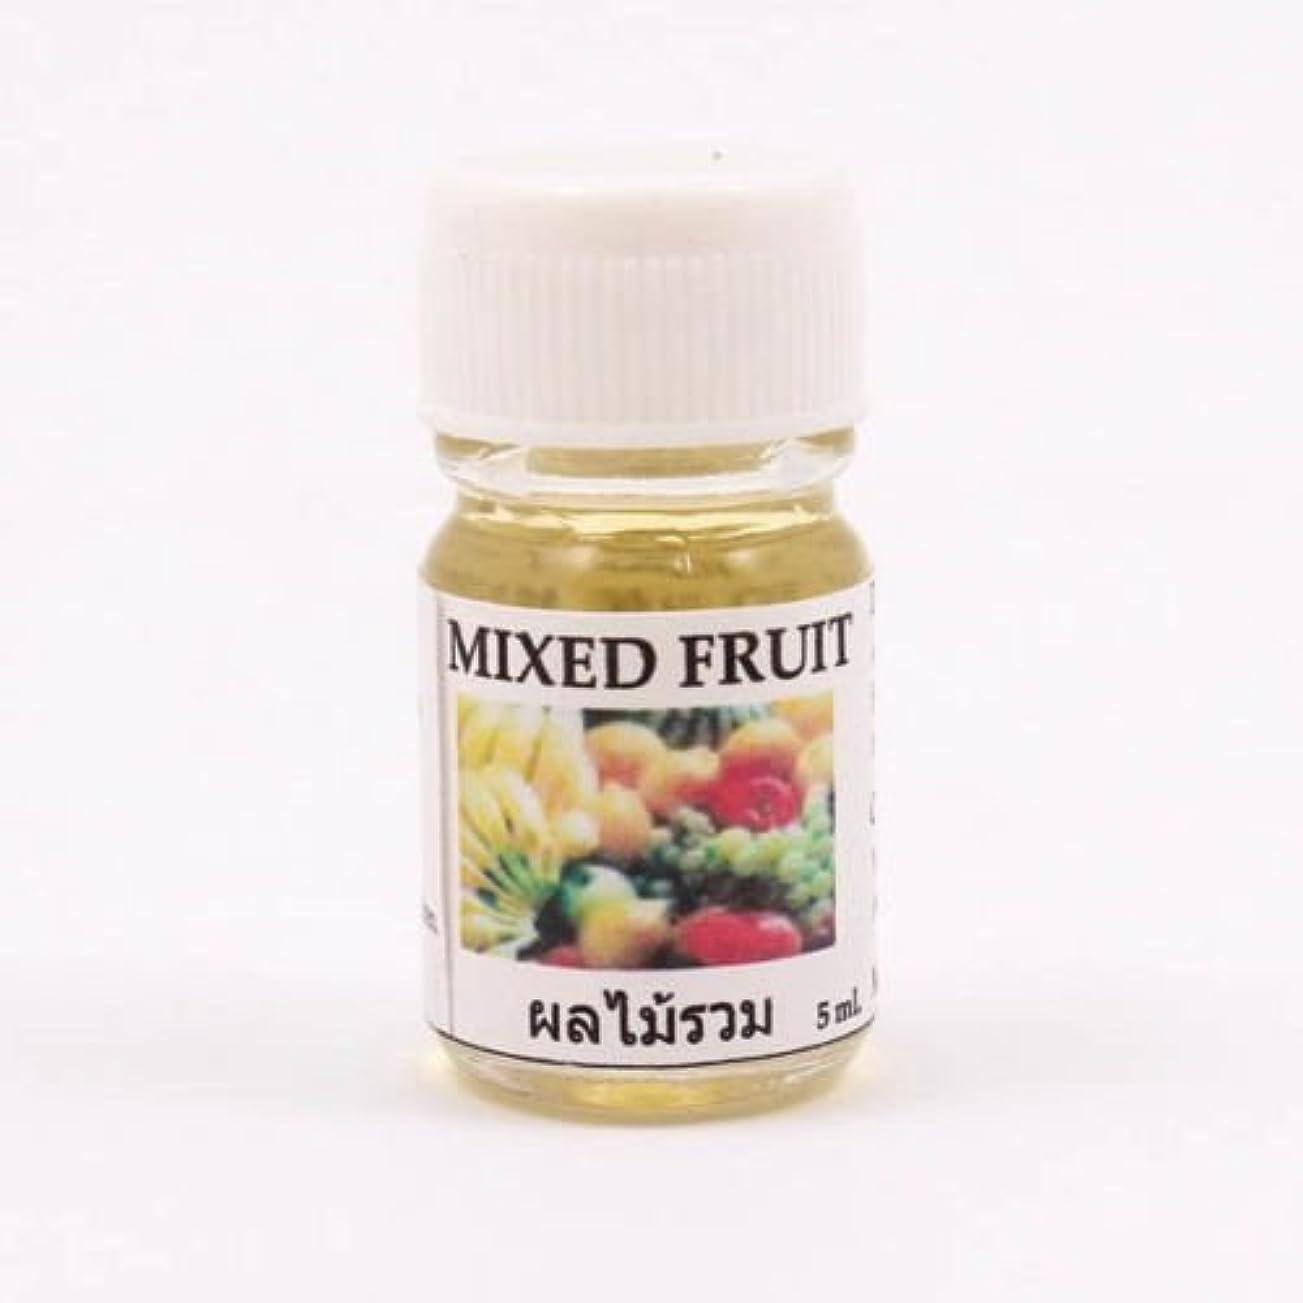 器具決定的磨かれた6X Mixed Fruit Aroma Fragrance Essential Oil 5ML Diffuser Burner Therapy